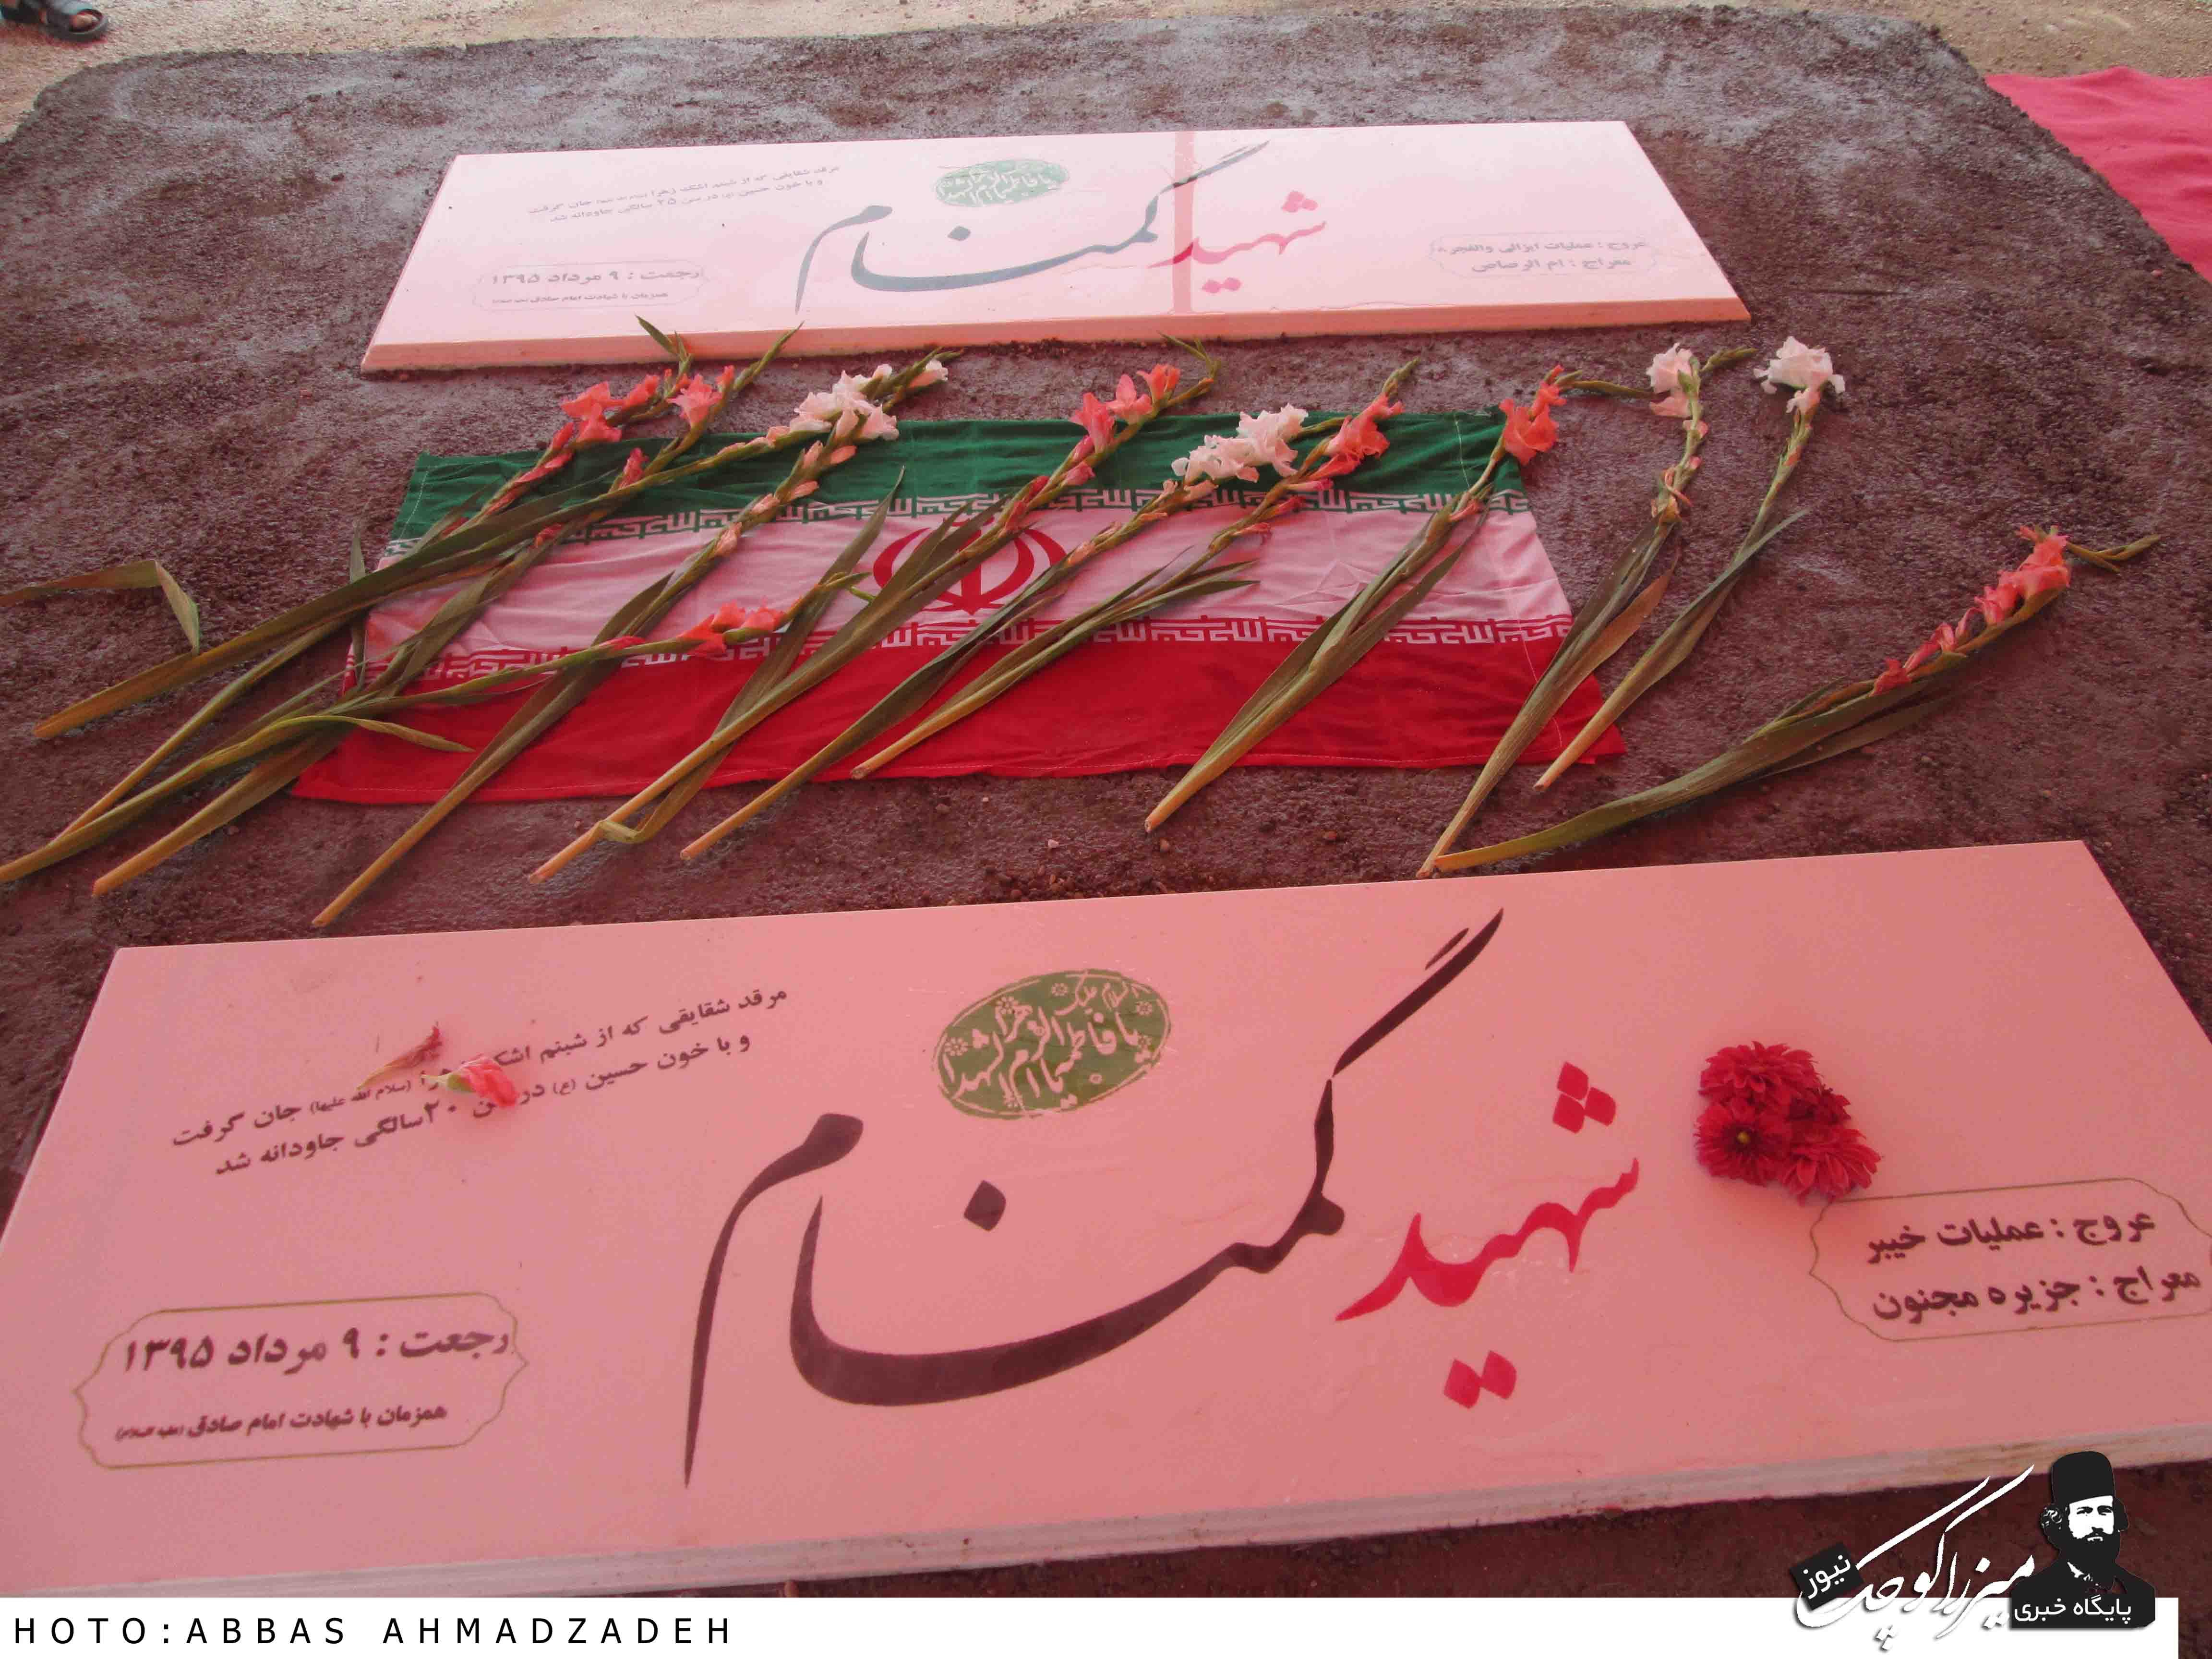 مراسم سوم شهدای گمنام شهر گوراب زرمیخ برگزار شد